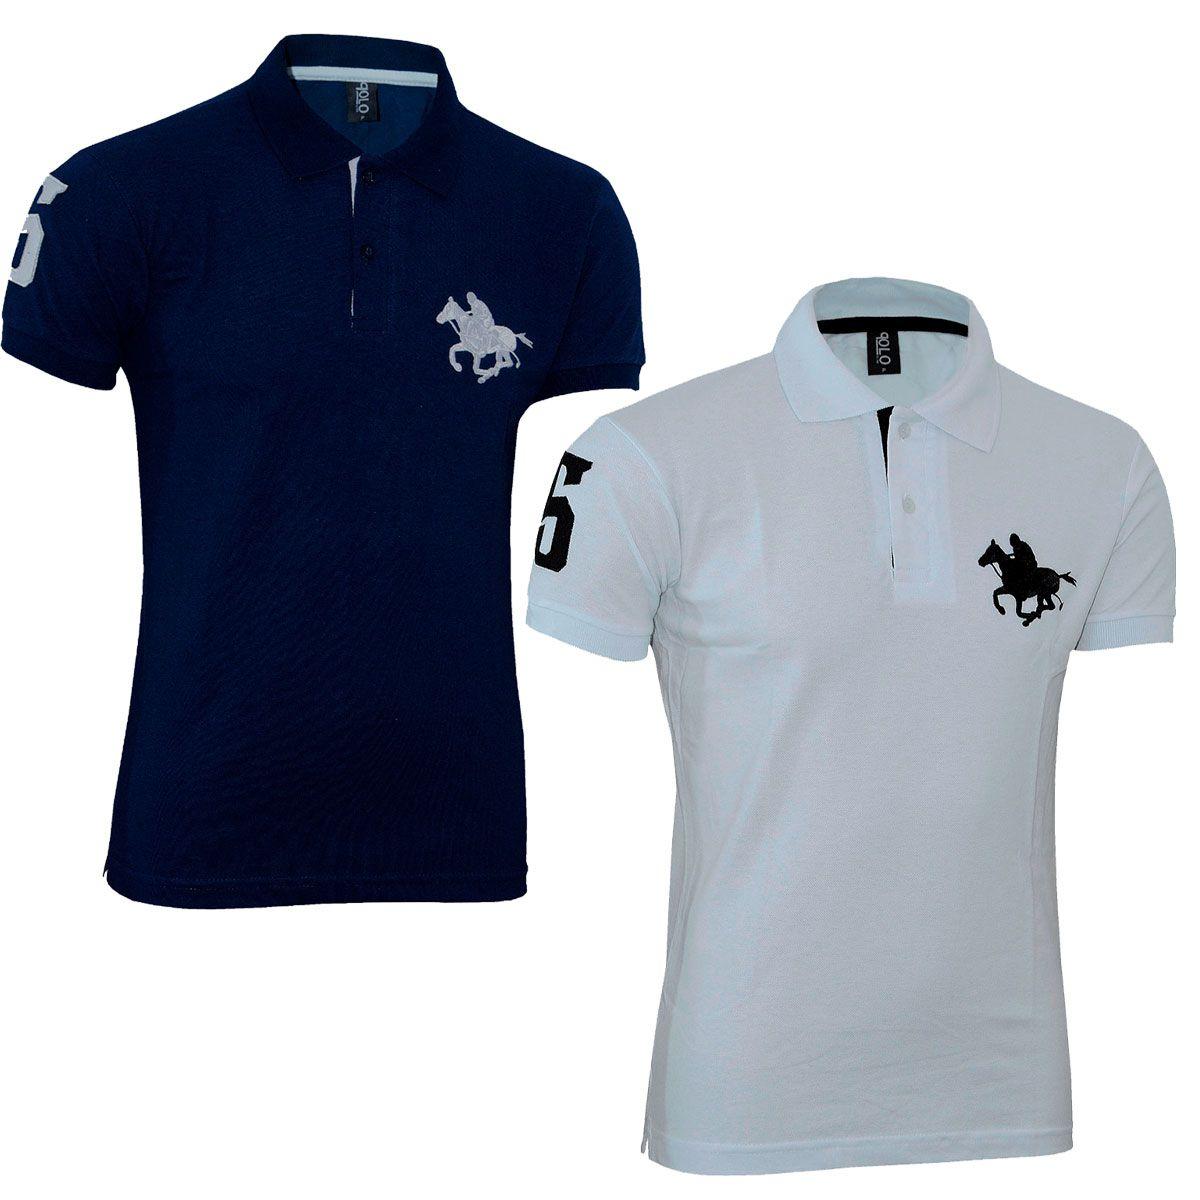 Kit com 02 Polos Tradicionais da Marca Branco e Azul Marinho